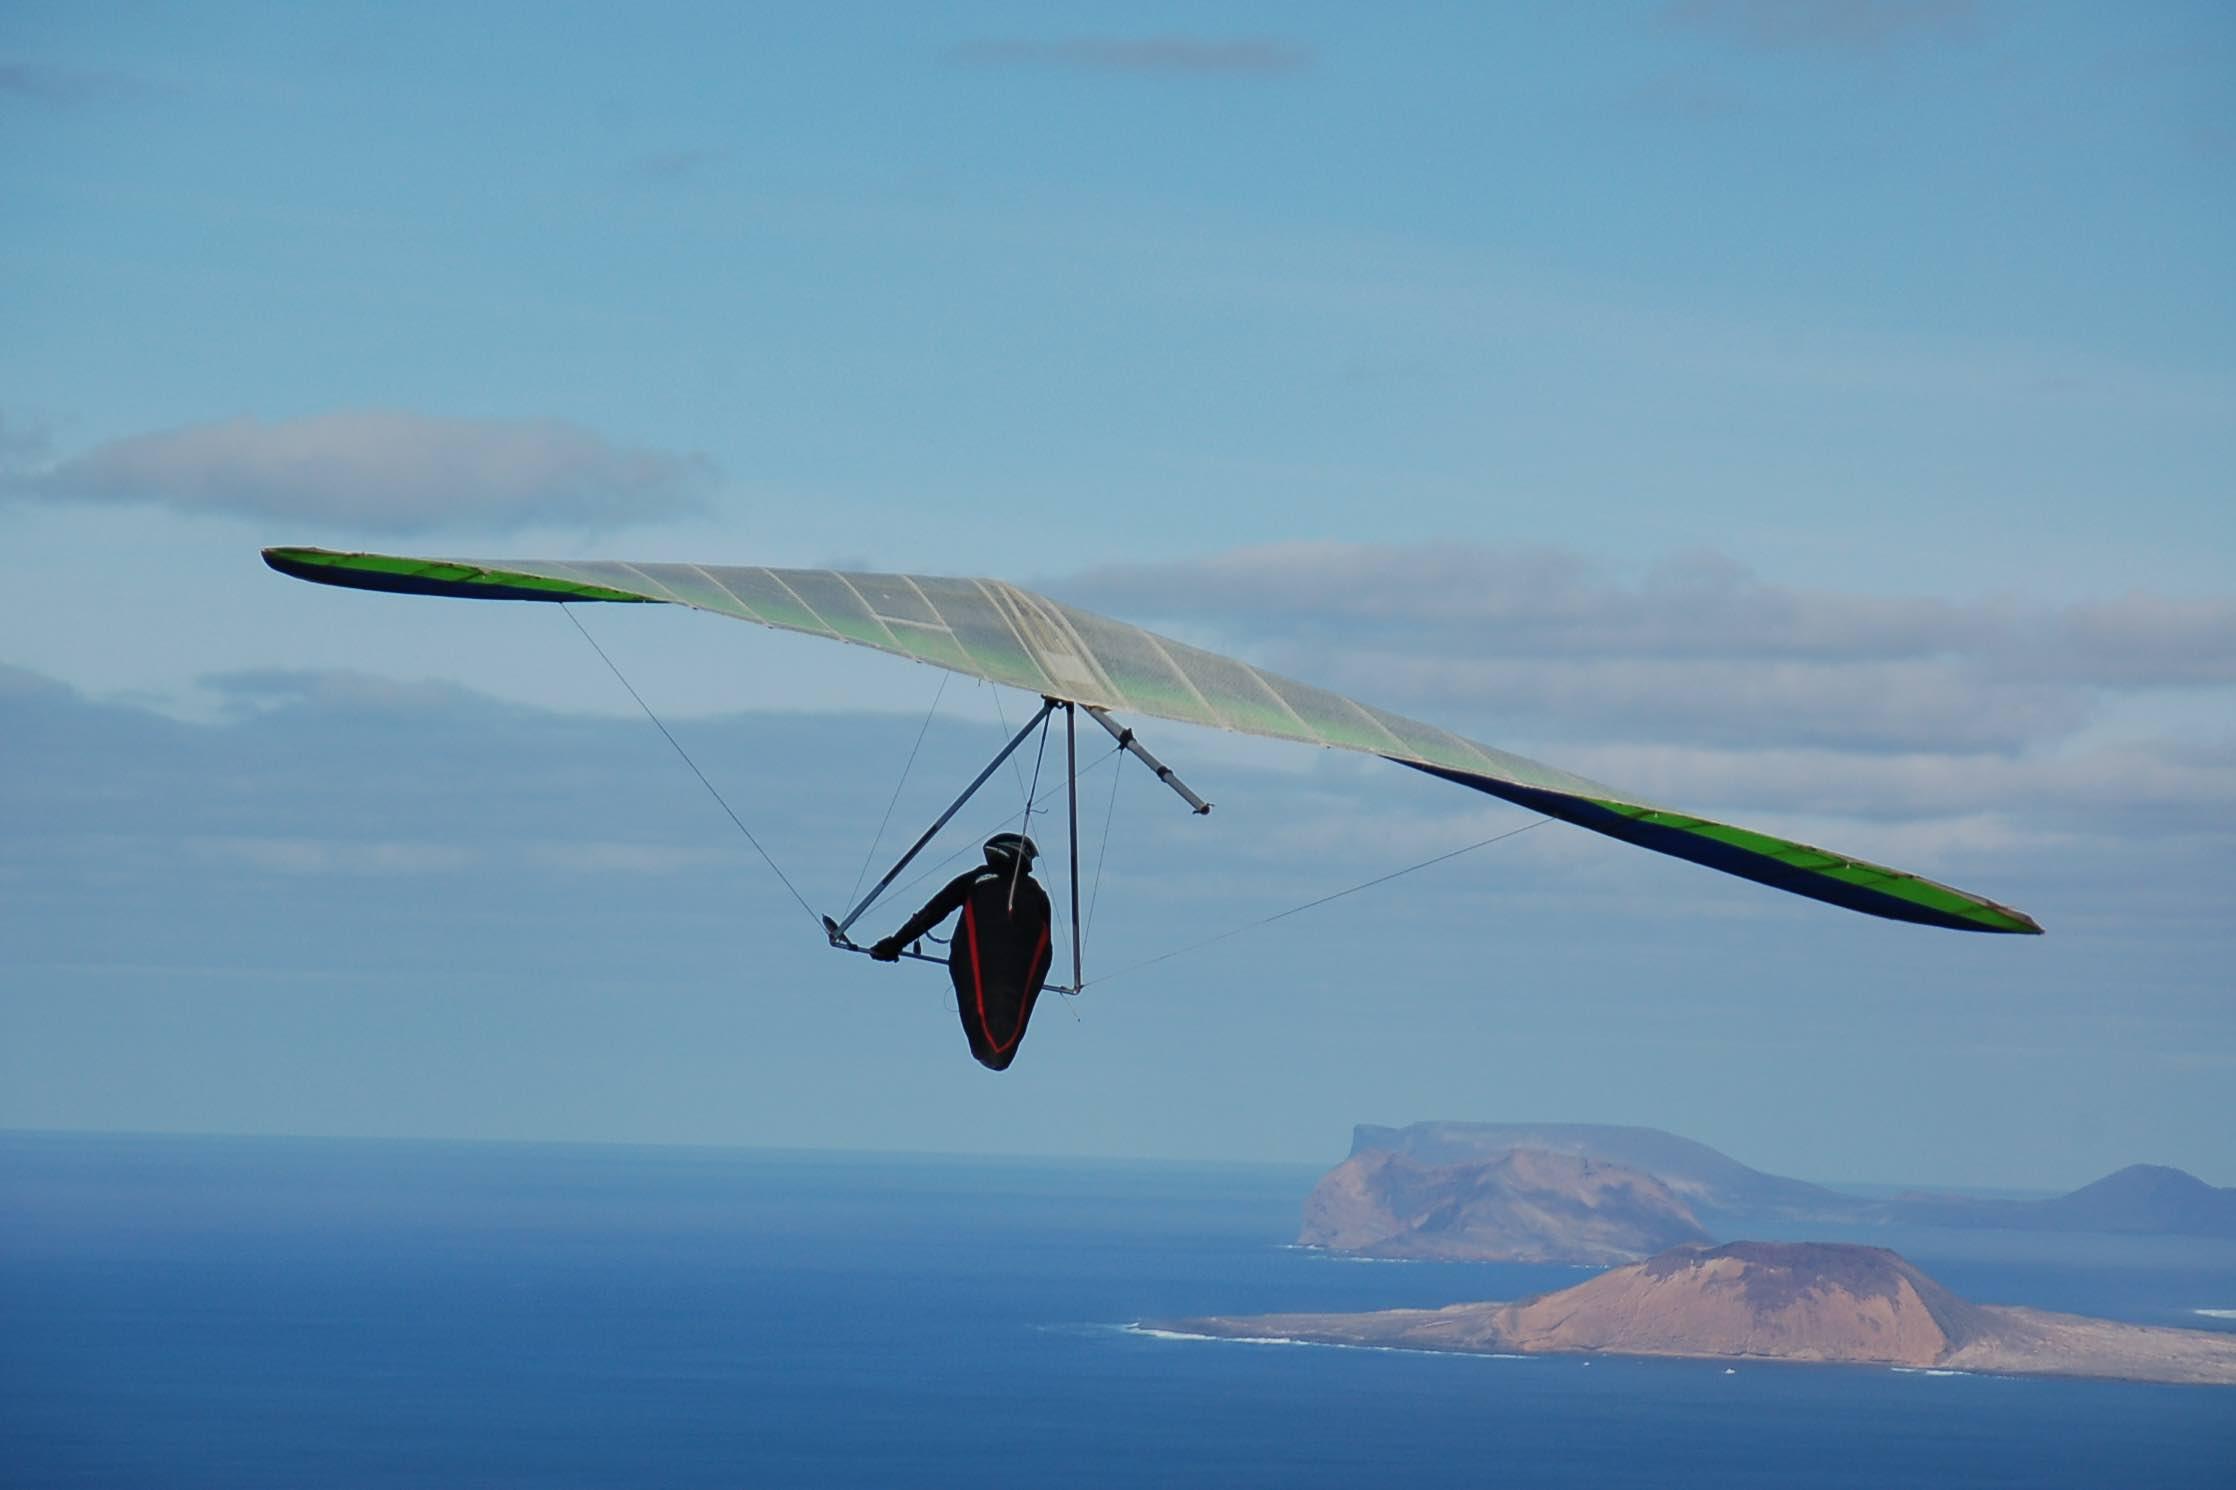 Lanzarote Hang gliding Paradise